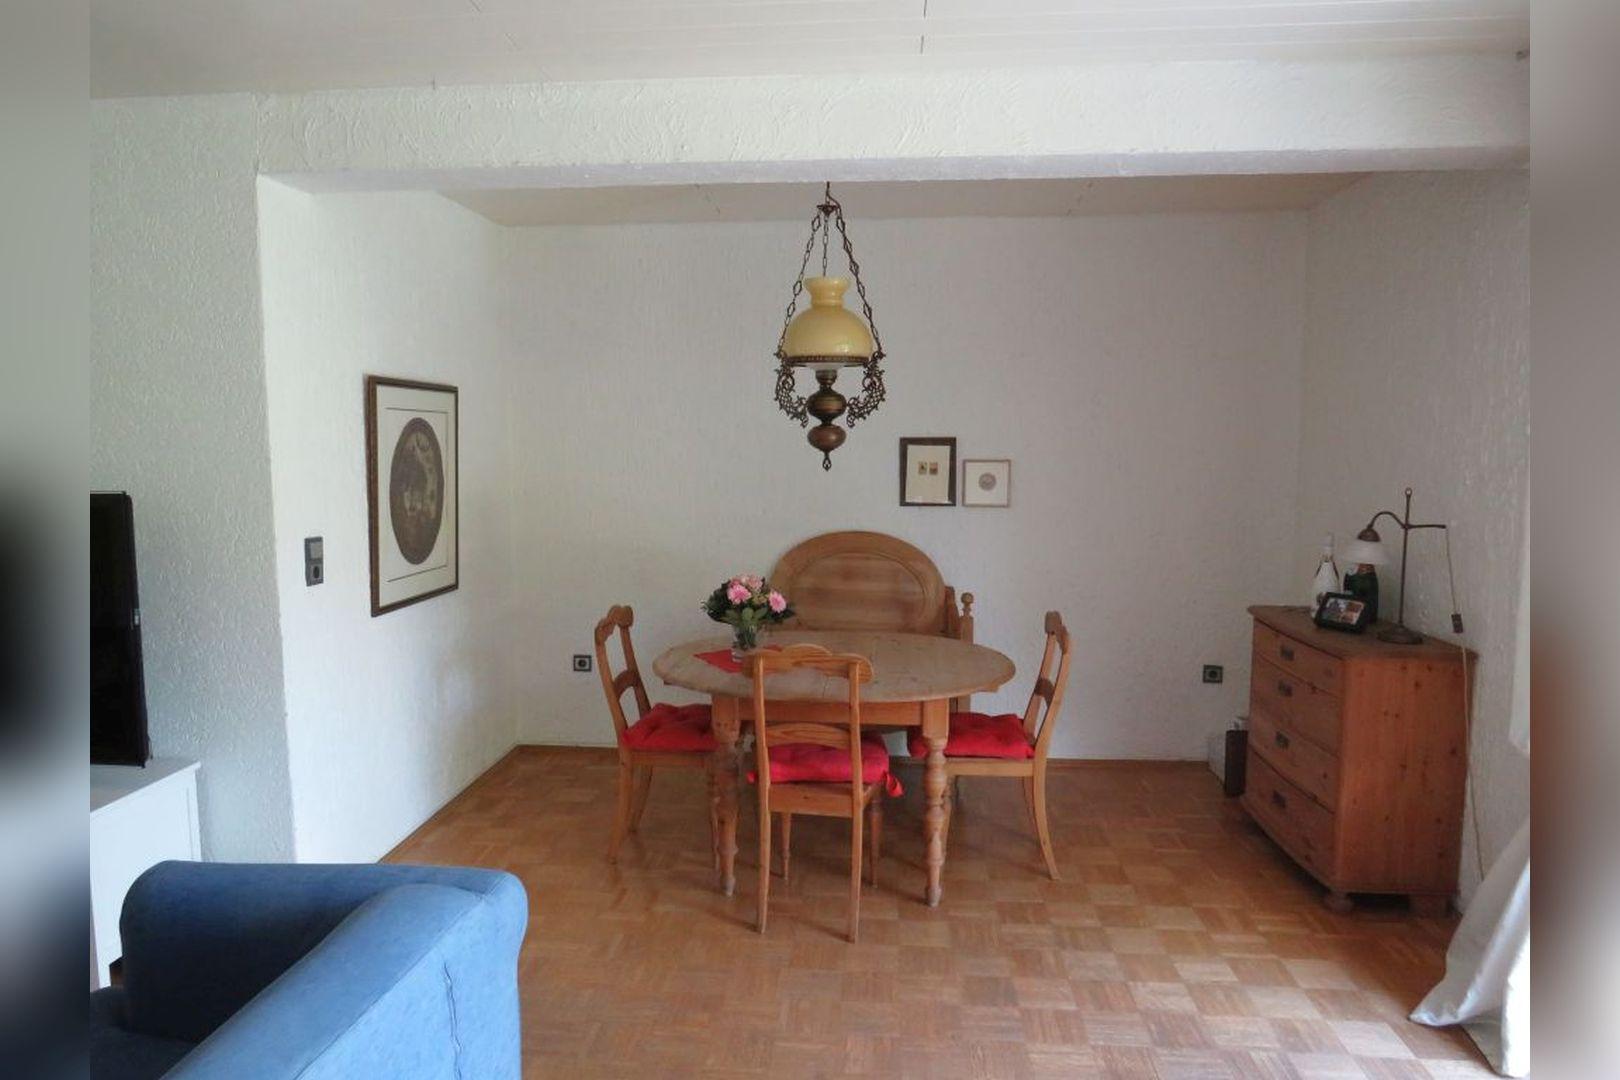 Immobilie Nr.0260 - Einfamilienhaus, zum 2-FH erweiterbar. Spitzboden als zusätzl. Ausbaureserve - Bild 8.jpg